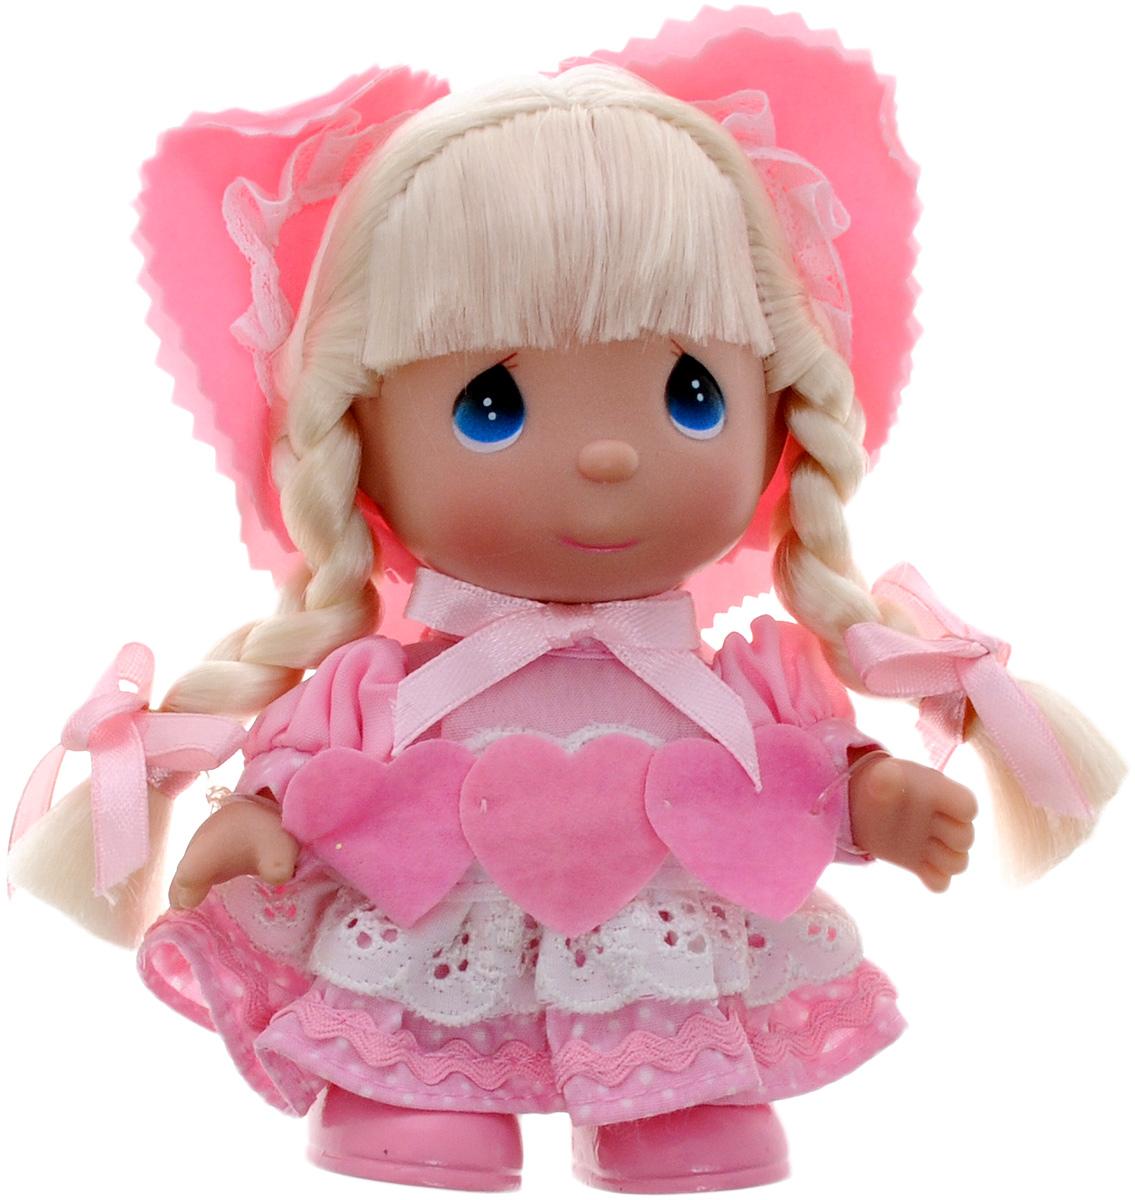 Precious Moments Мини-кукла Ты в моем сердце precious moments мини кукла пастушка цвет платья светло коралловый